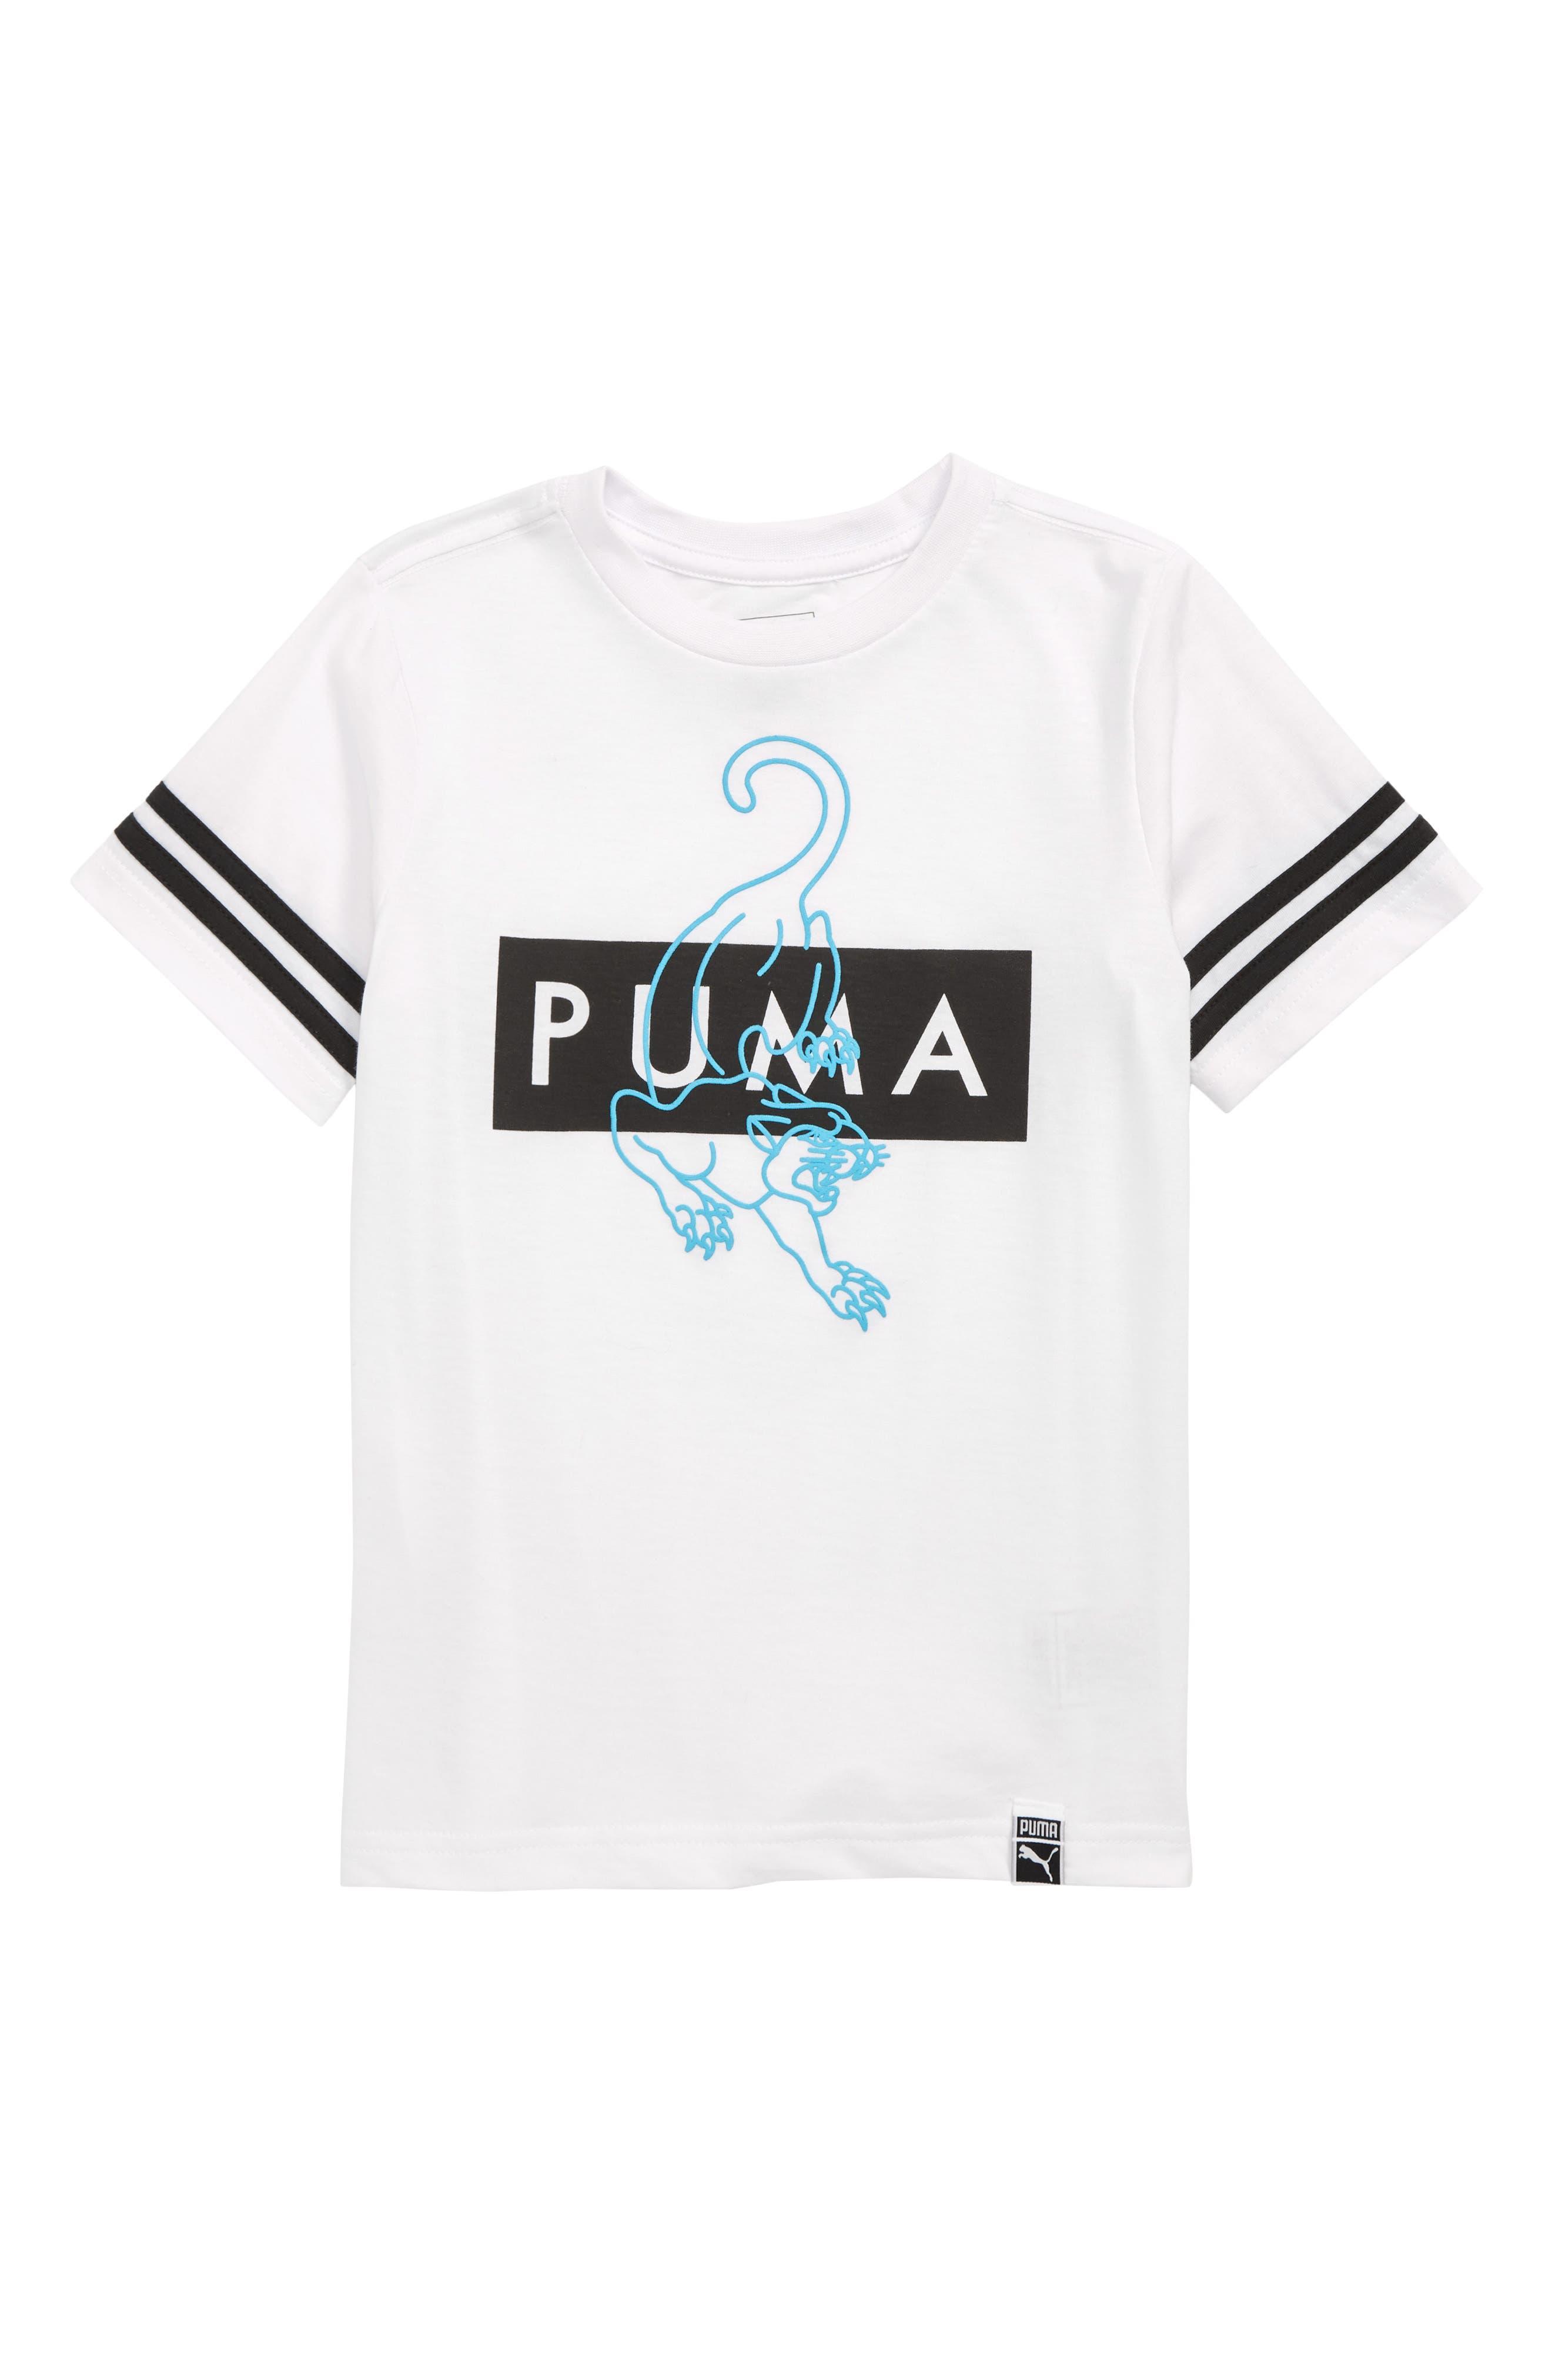 Boys Puma Puma Graphic TShirt Size M (1012)  White